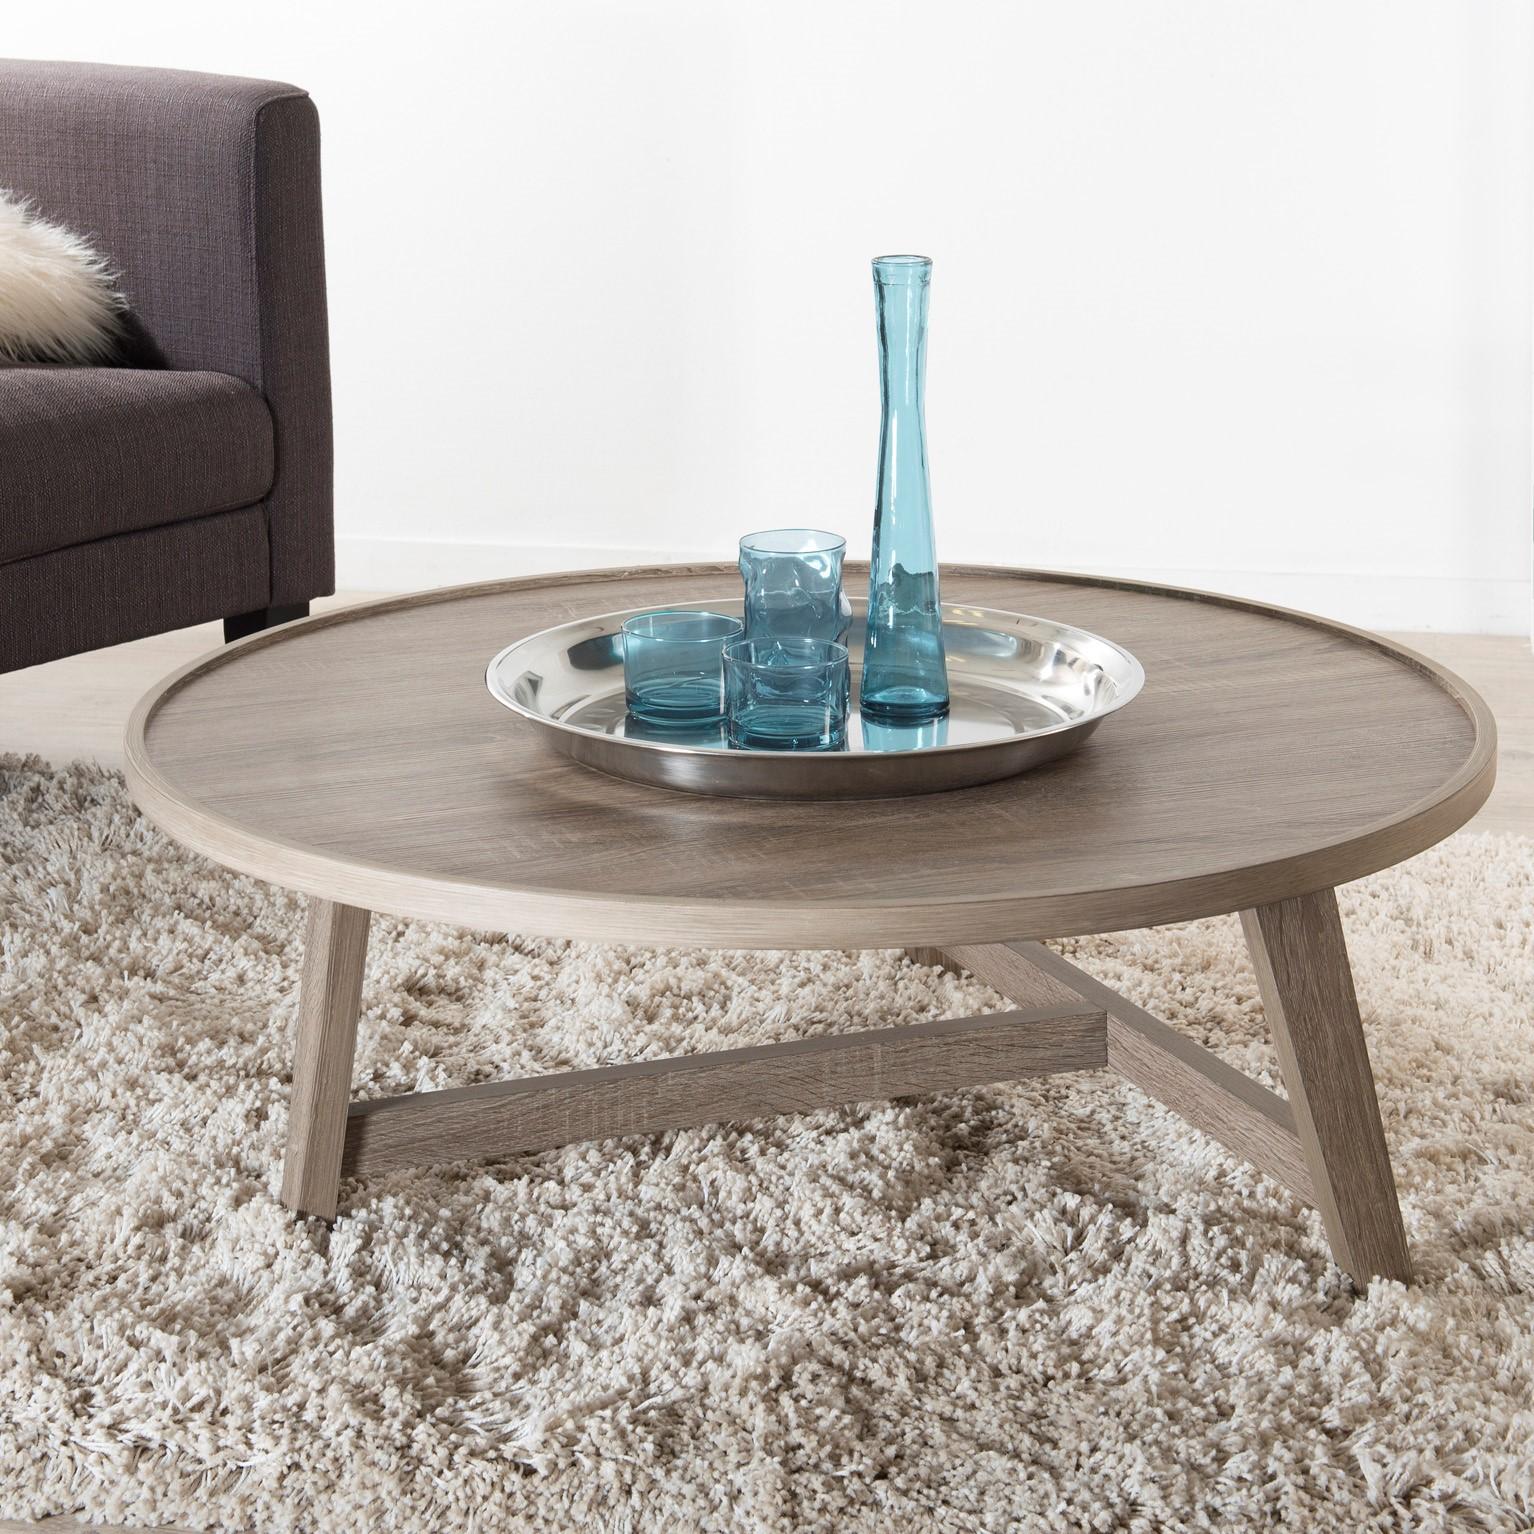 Table Basse Ronde Retro Bois Pieds Chevalet 90x90x36cm Landaise